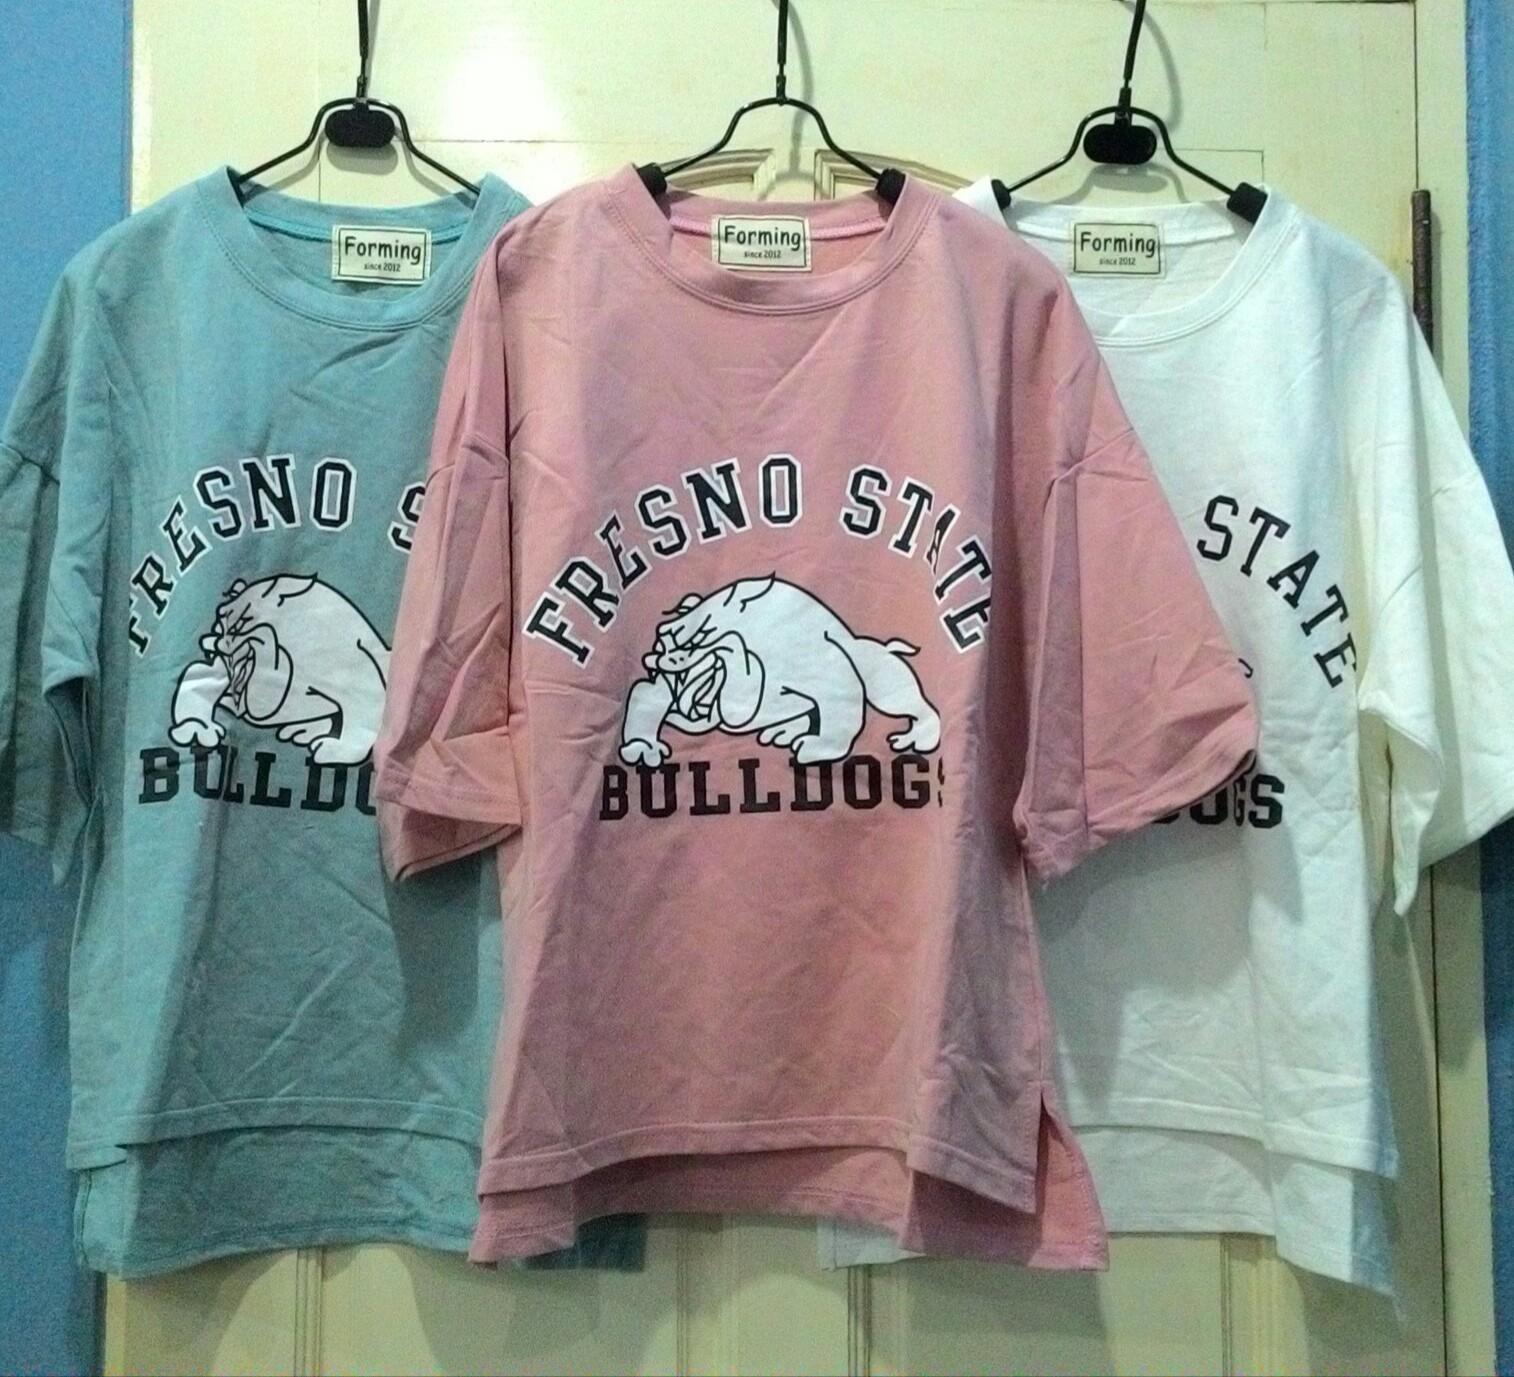 เสื้อยืดผ้านิ่ม สกรีนลาย Bulldog